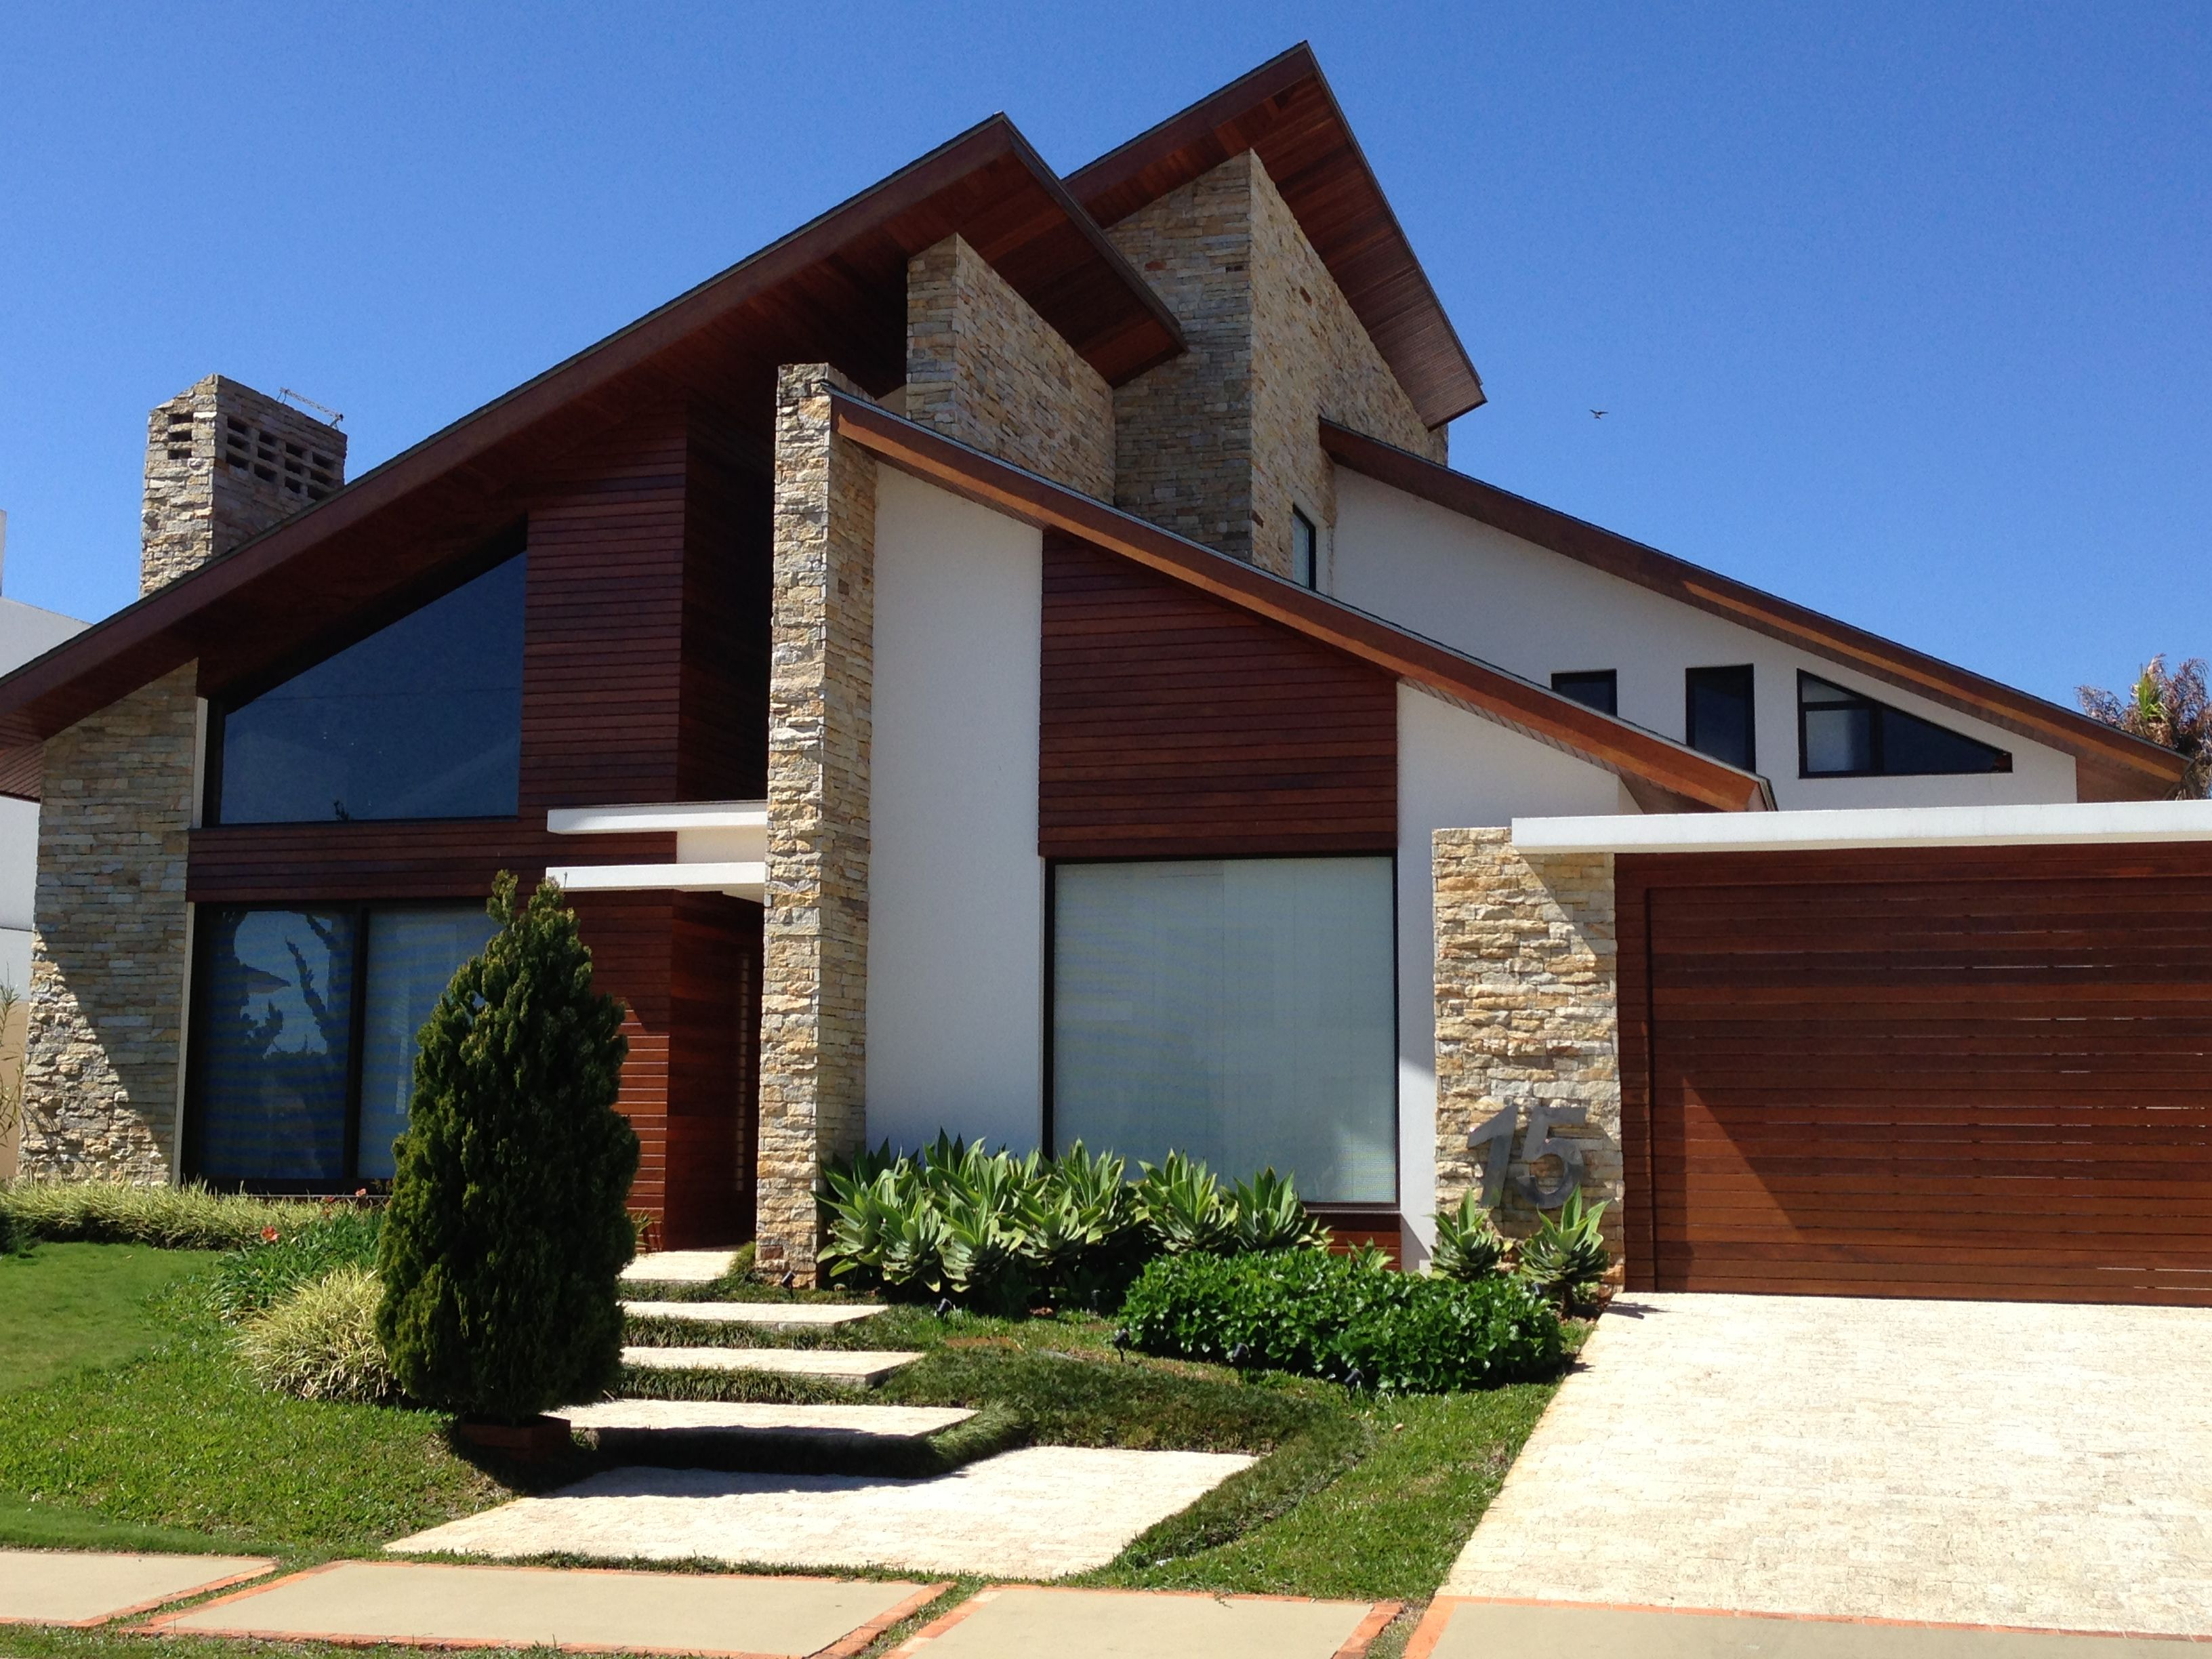 fachadas de casas rusticas modernas - Pesquisa Google Arquitectura e ...